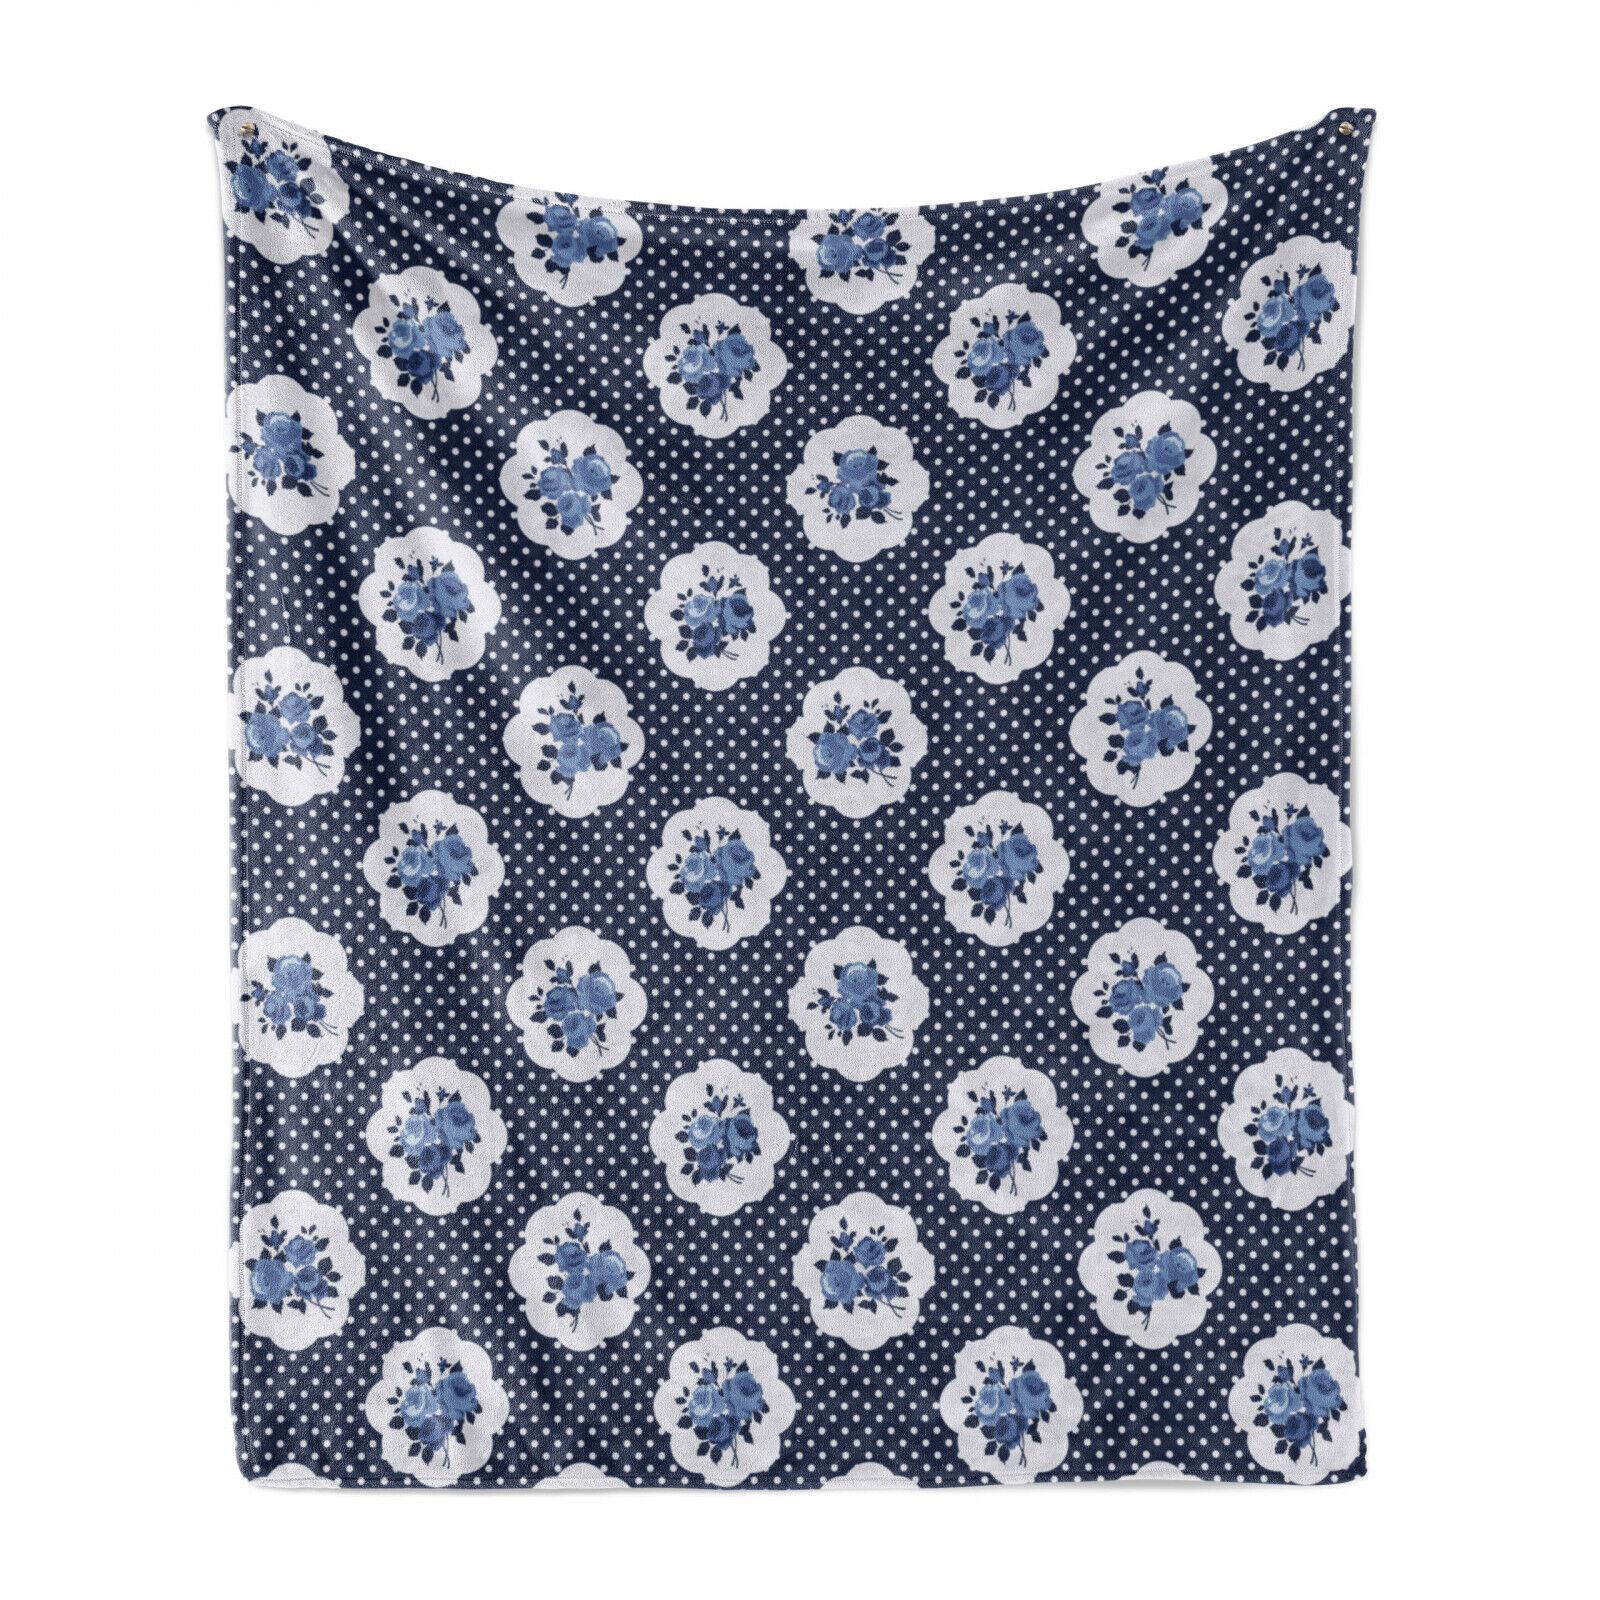 Shabby Flora Weich Flanell Fleece Decke Motive Dots Blumen